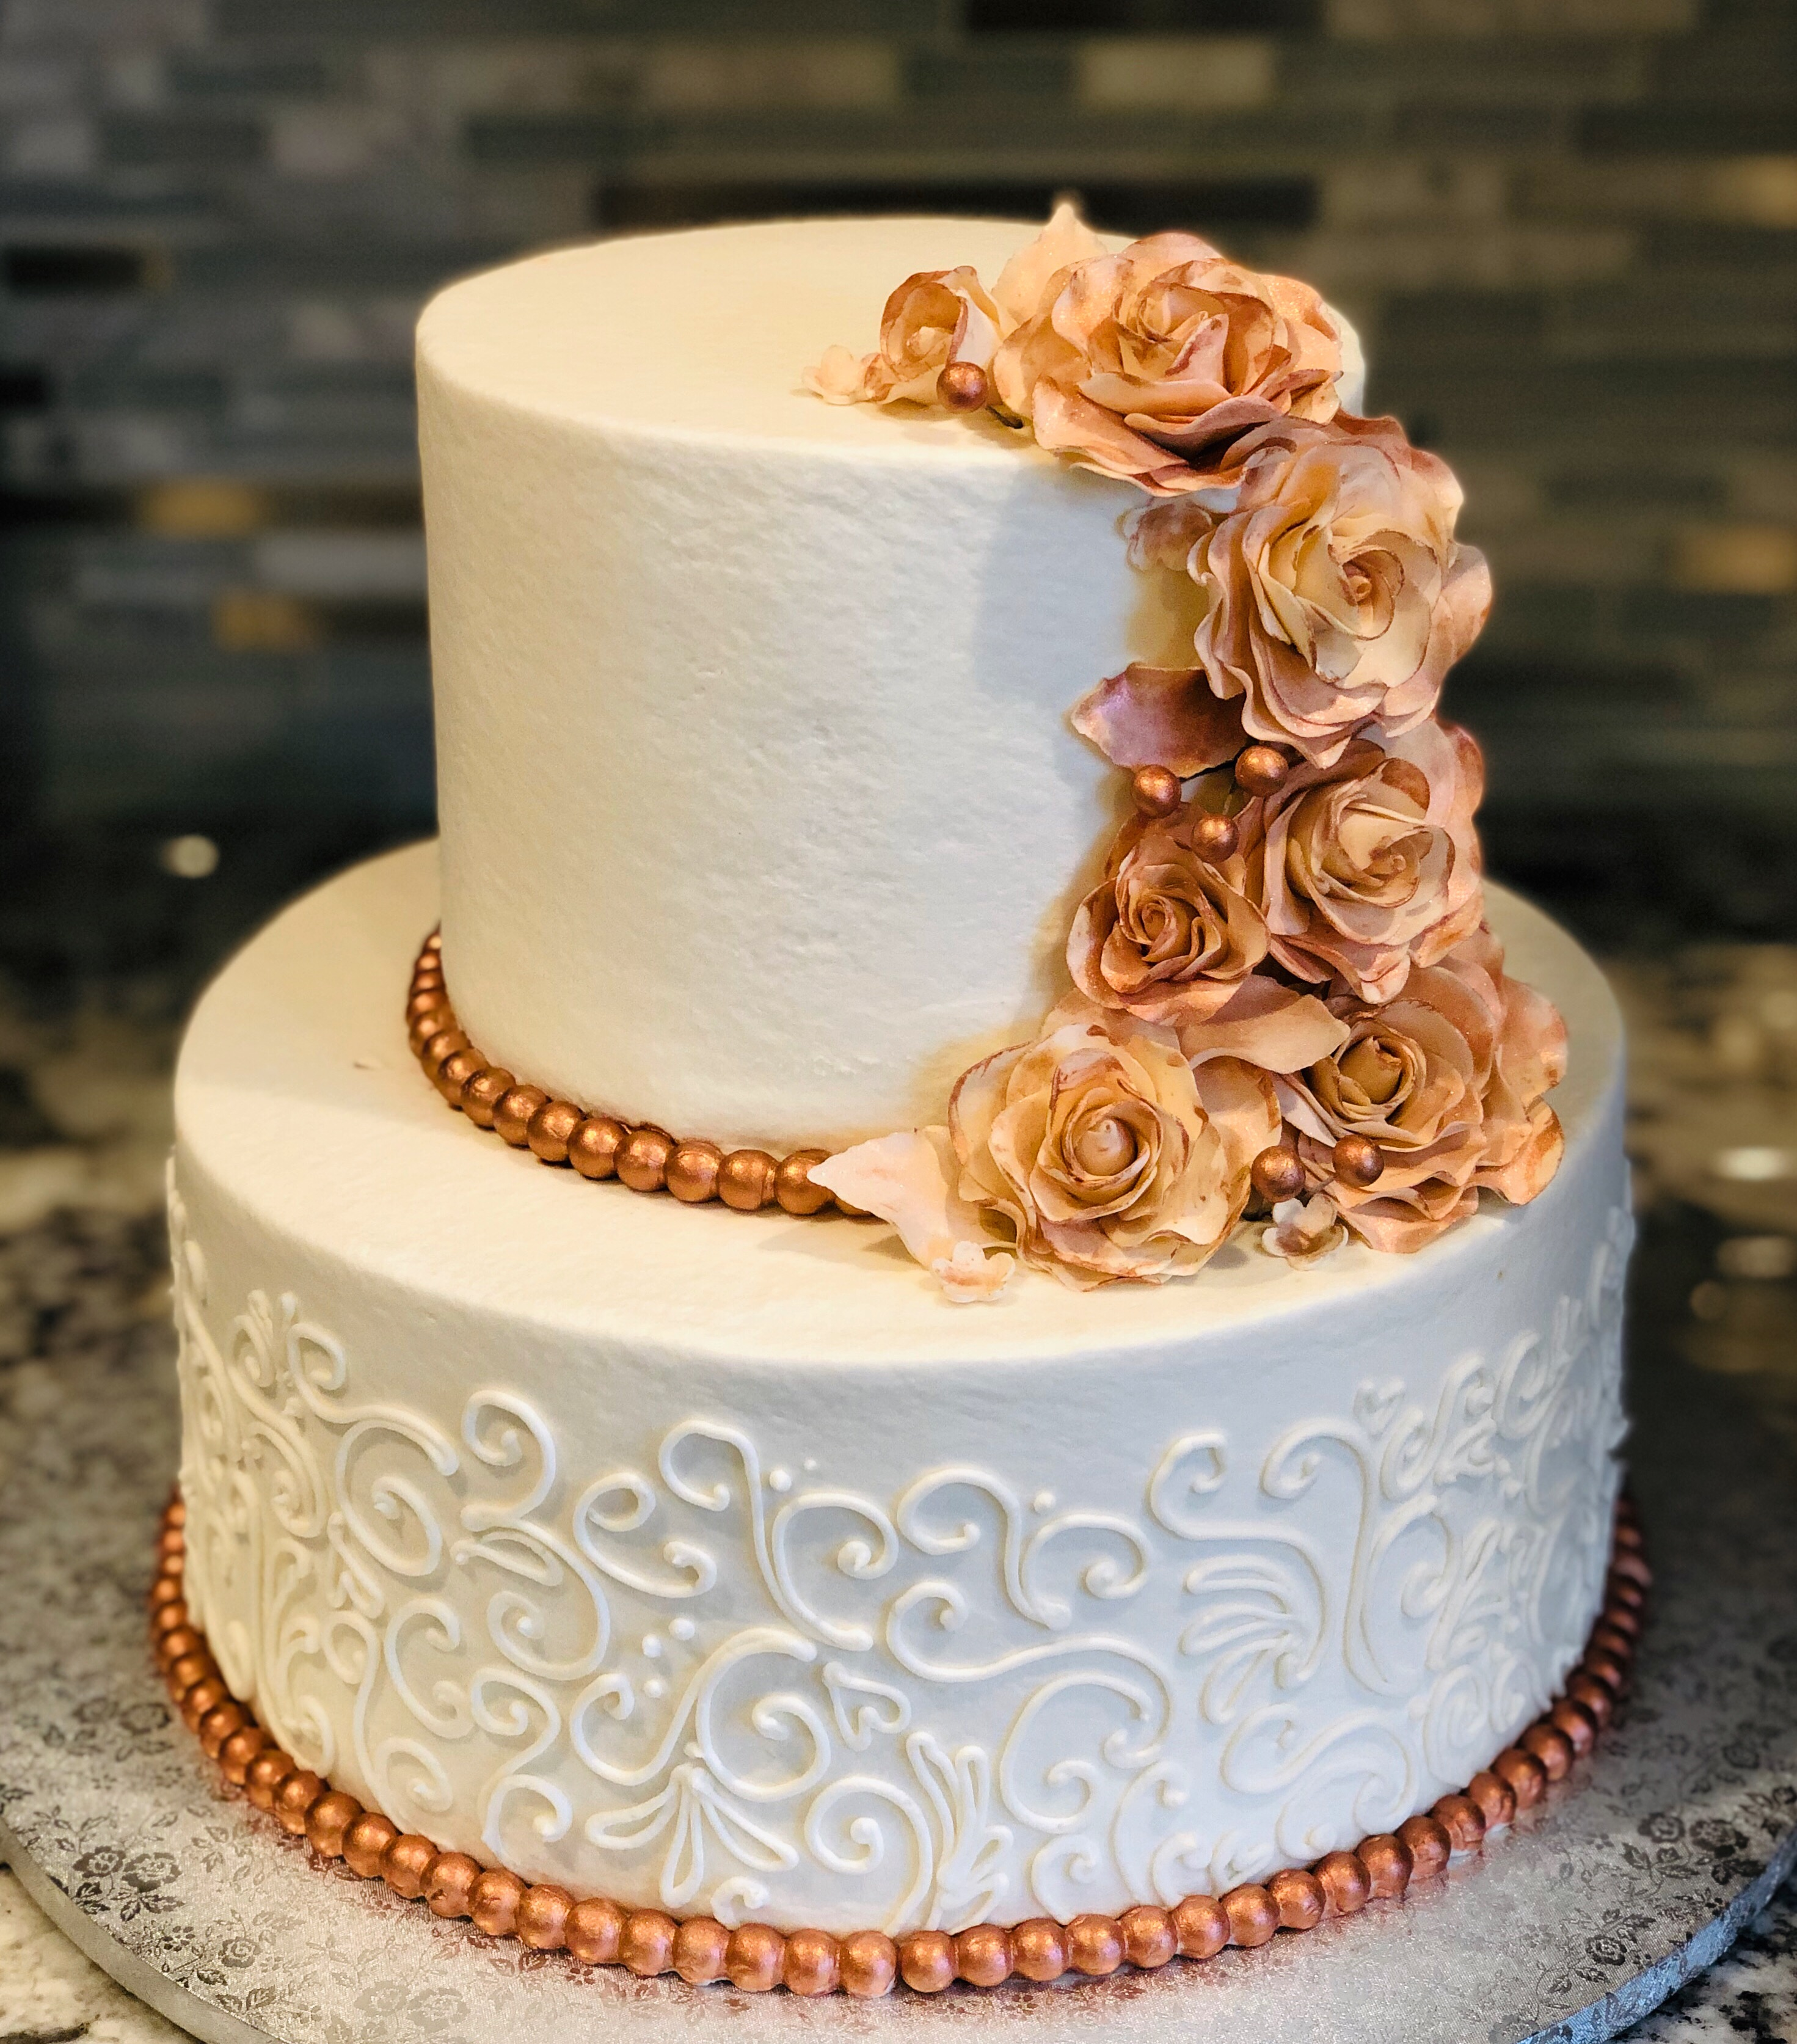 Rose gold sugar roses on buttercream